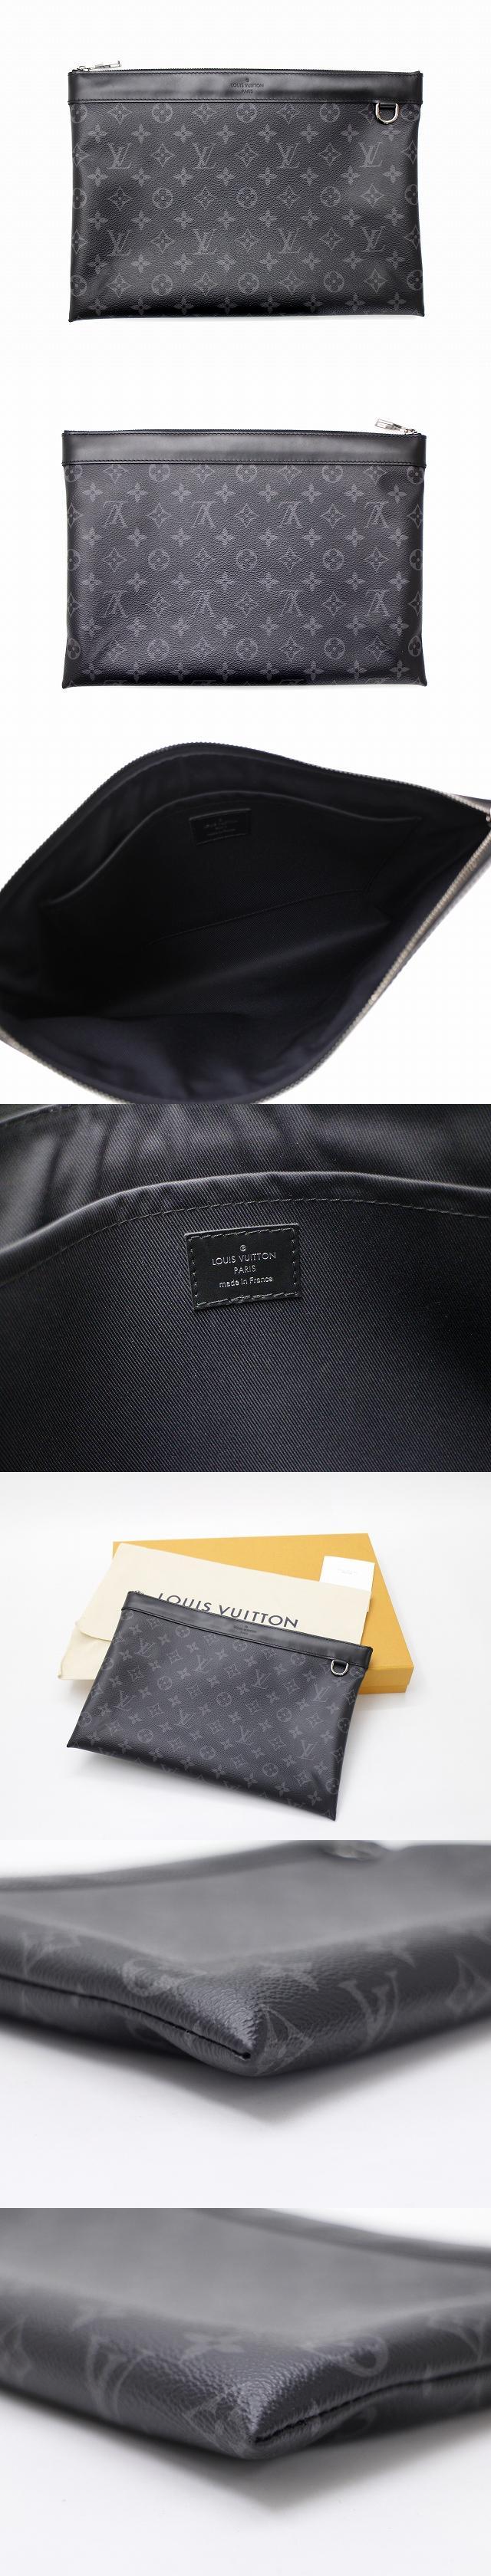 モノグラム エクリプス ポシェット・ディスカバリー M62291 クラッチバッグ セカンドバッグ